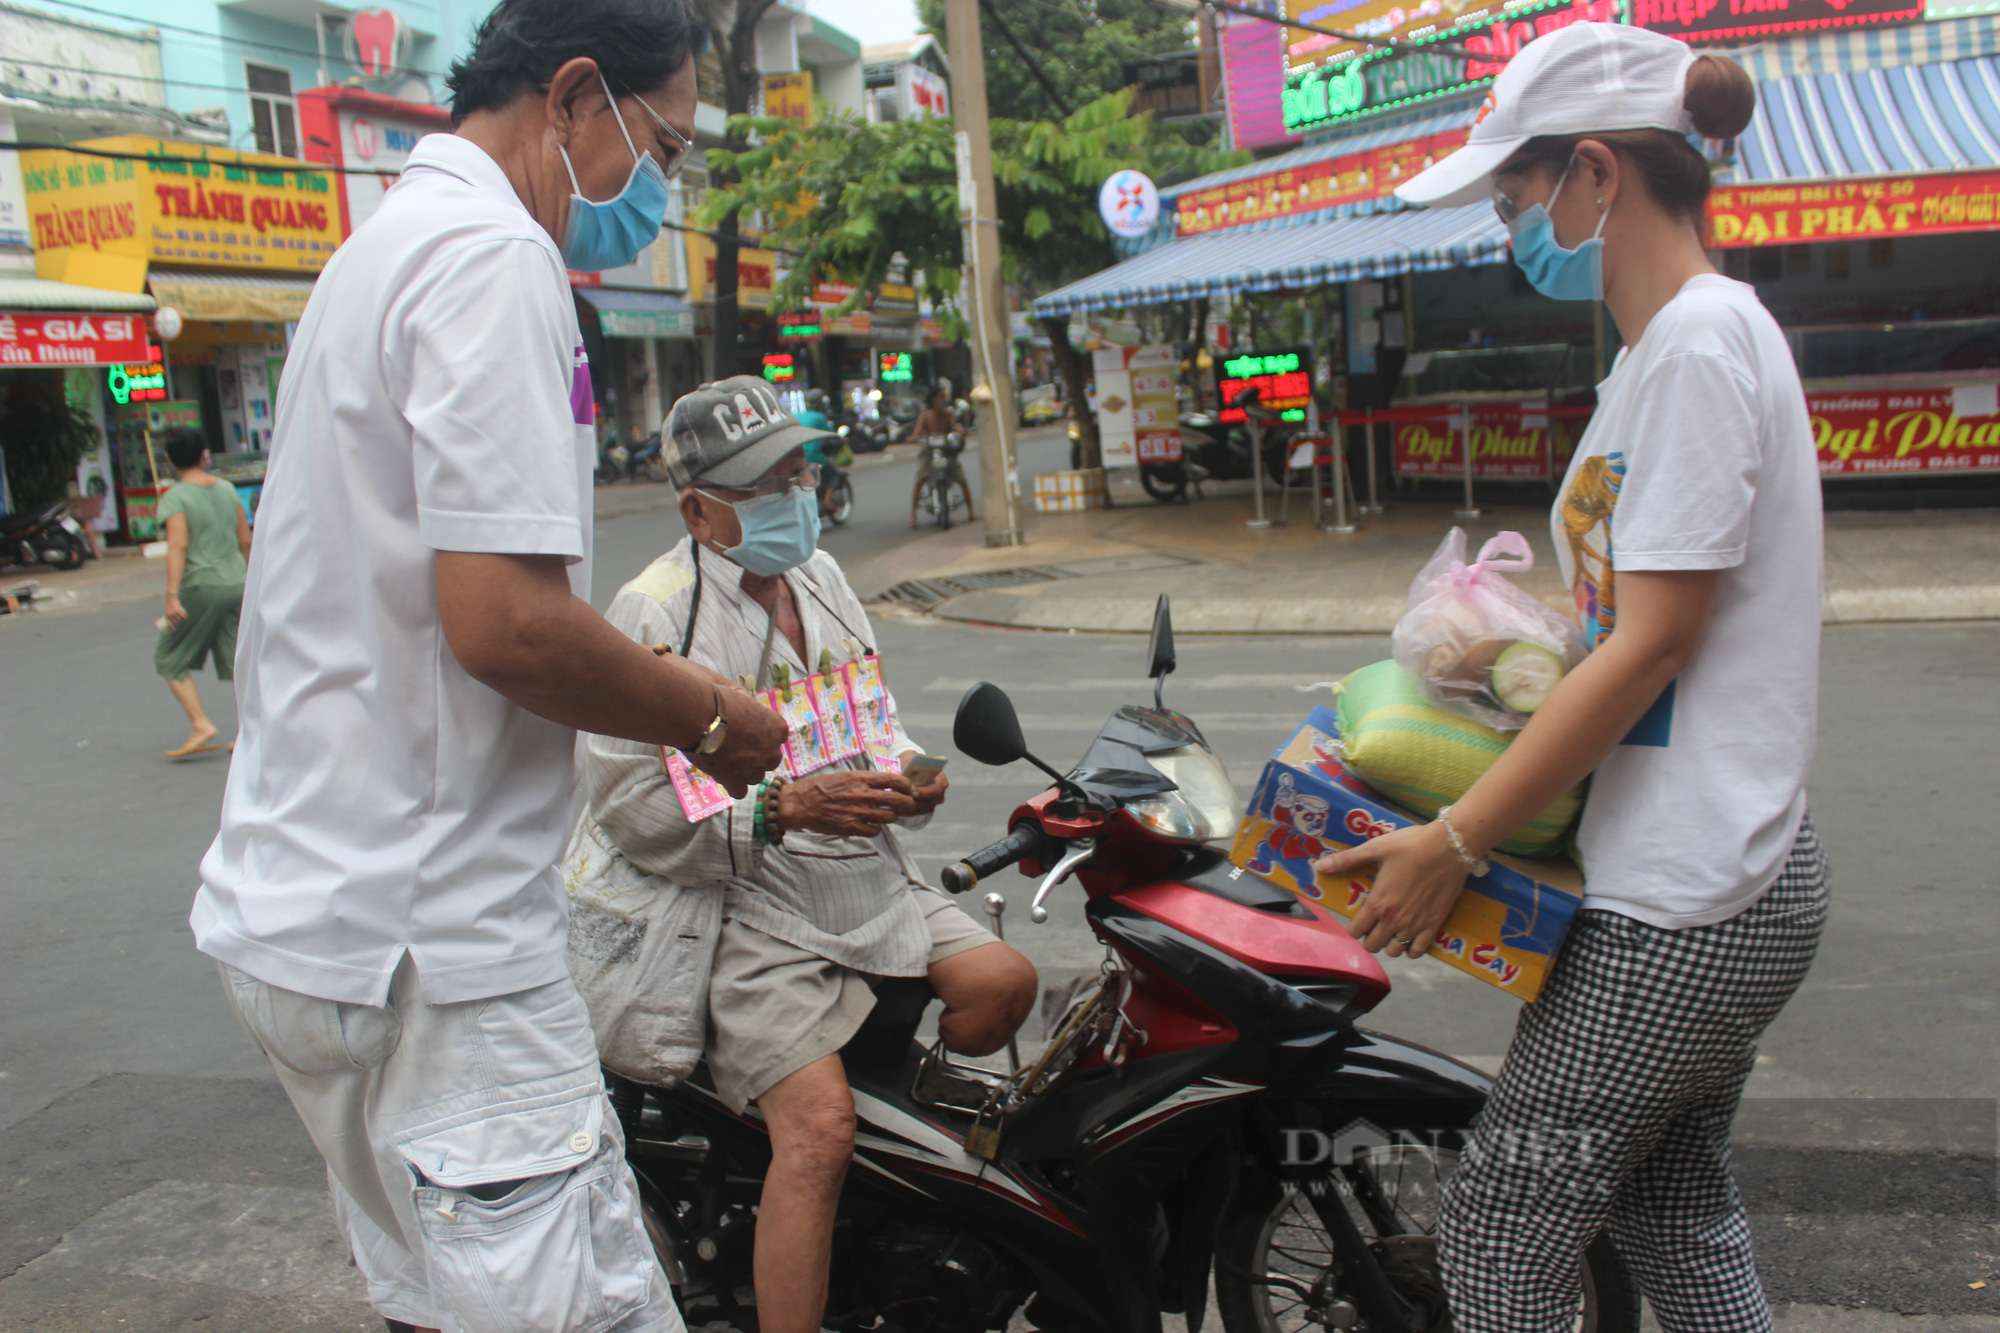 Báo Nông thôn Ngày nay/Điện tử Dân Việt tiếp sức mùa dịch cho người dân tại TP.HCM - Ảnh 2.